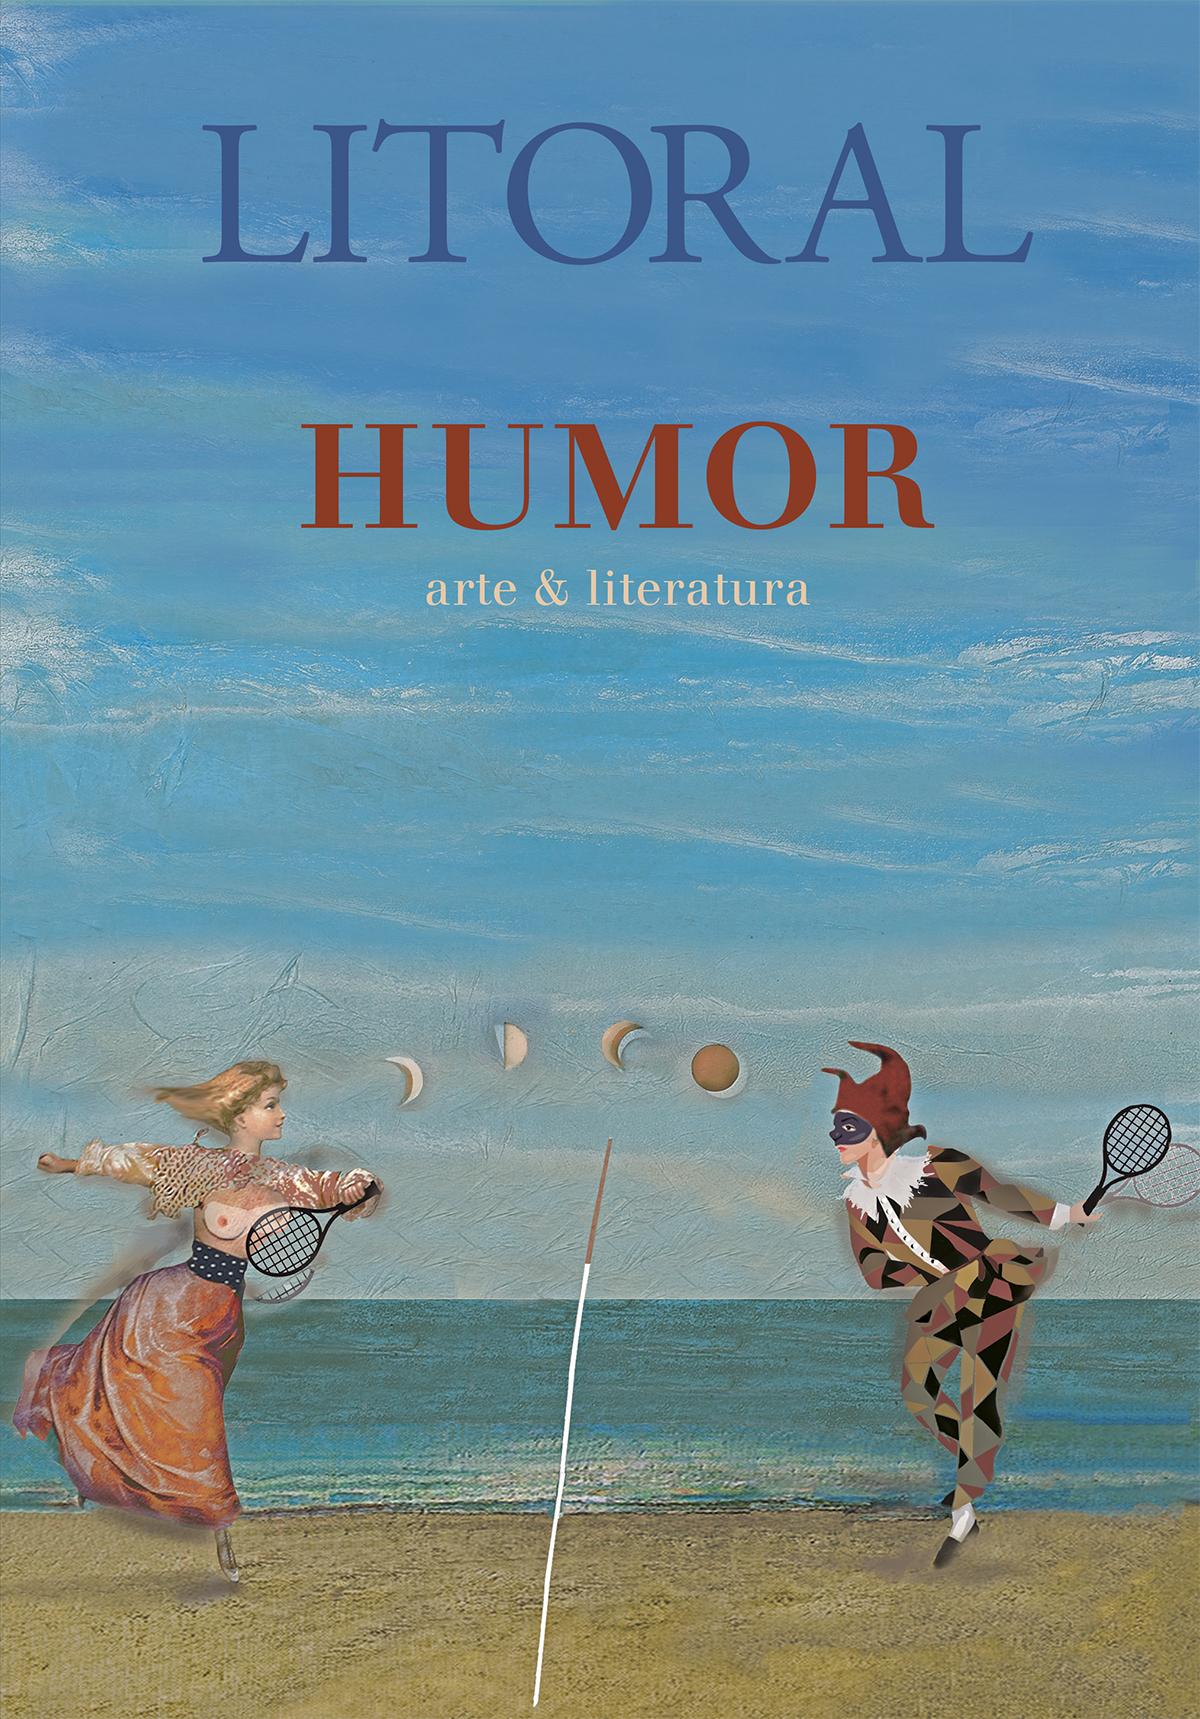 Portada del último número de la revista literaria y artística Litoral dedicada al humor.